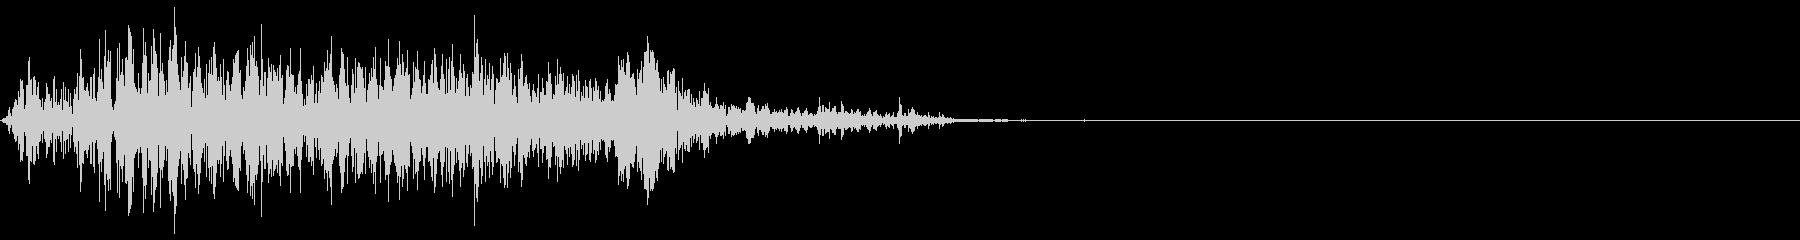 ジッパー、ファスナーを閉じる音1-2の未再生の波形